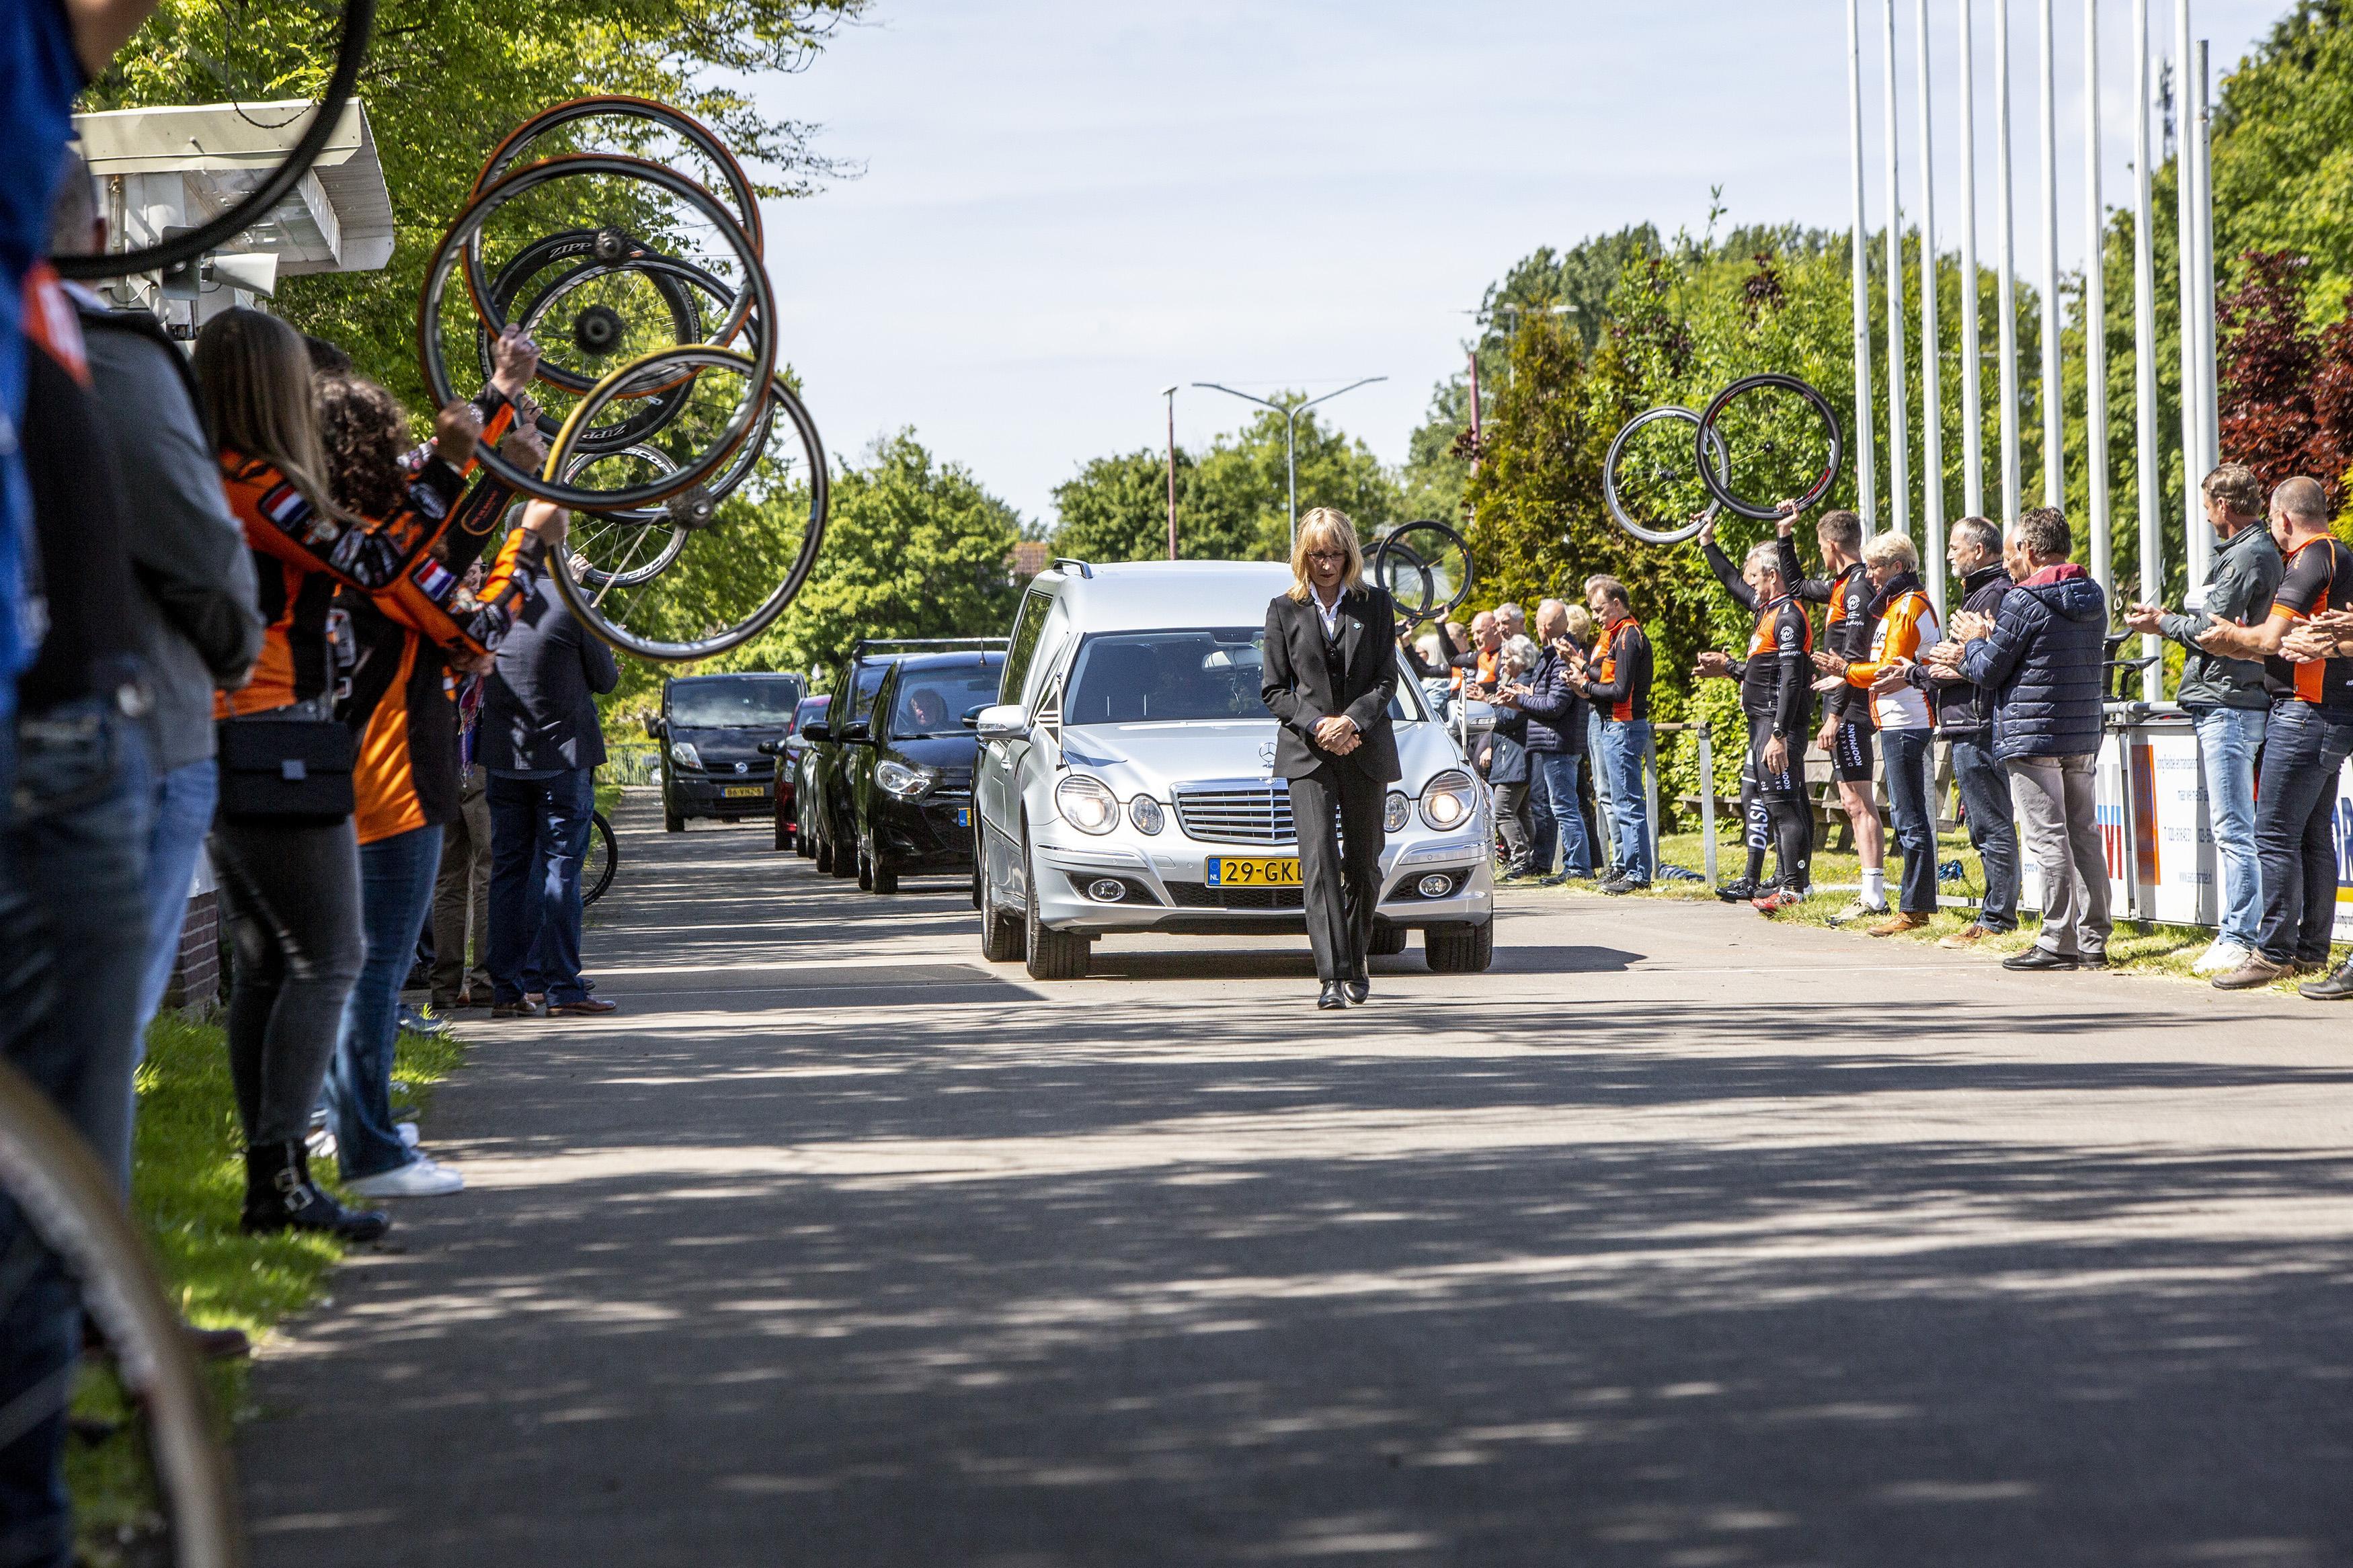 Erehaag voor supervrijwilliger Paul Wezenbeek van wielerclub De Bataaf uit Zwanenburg